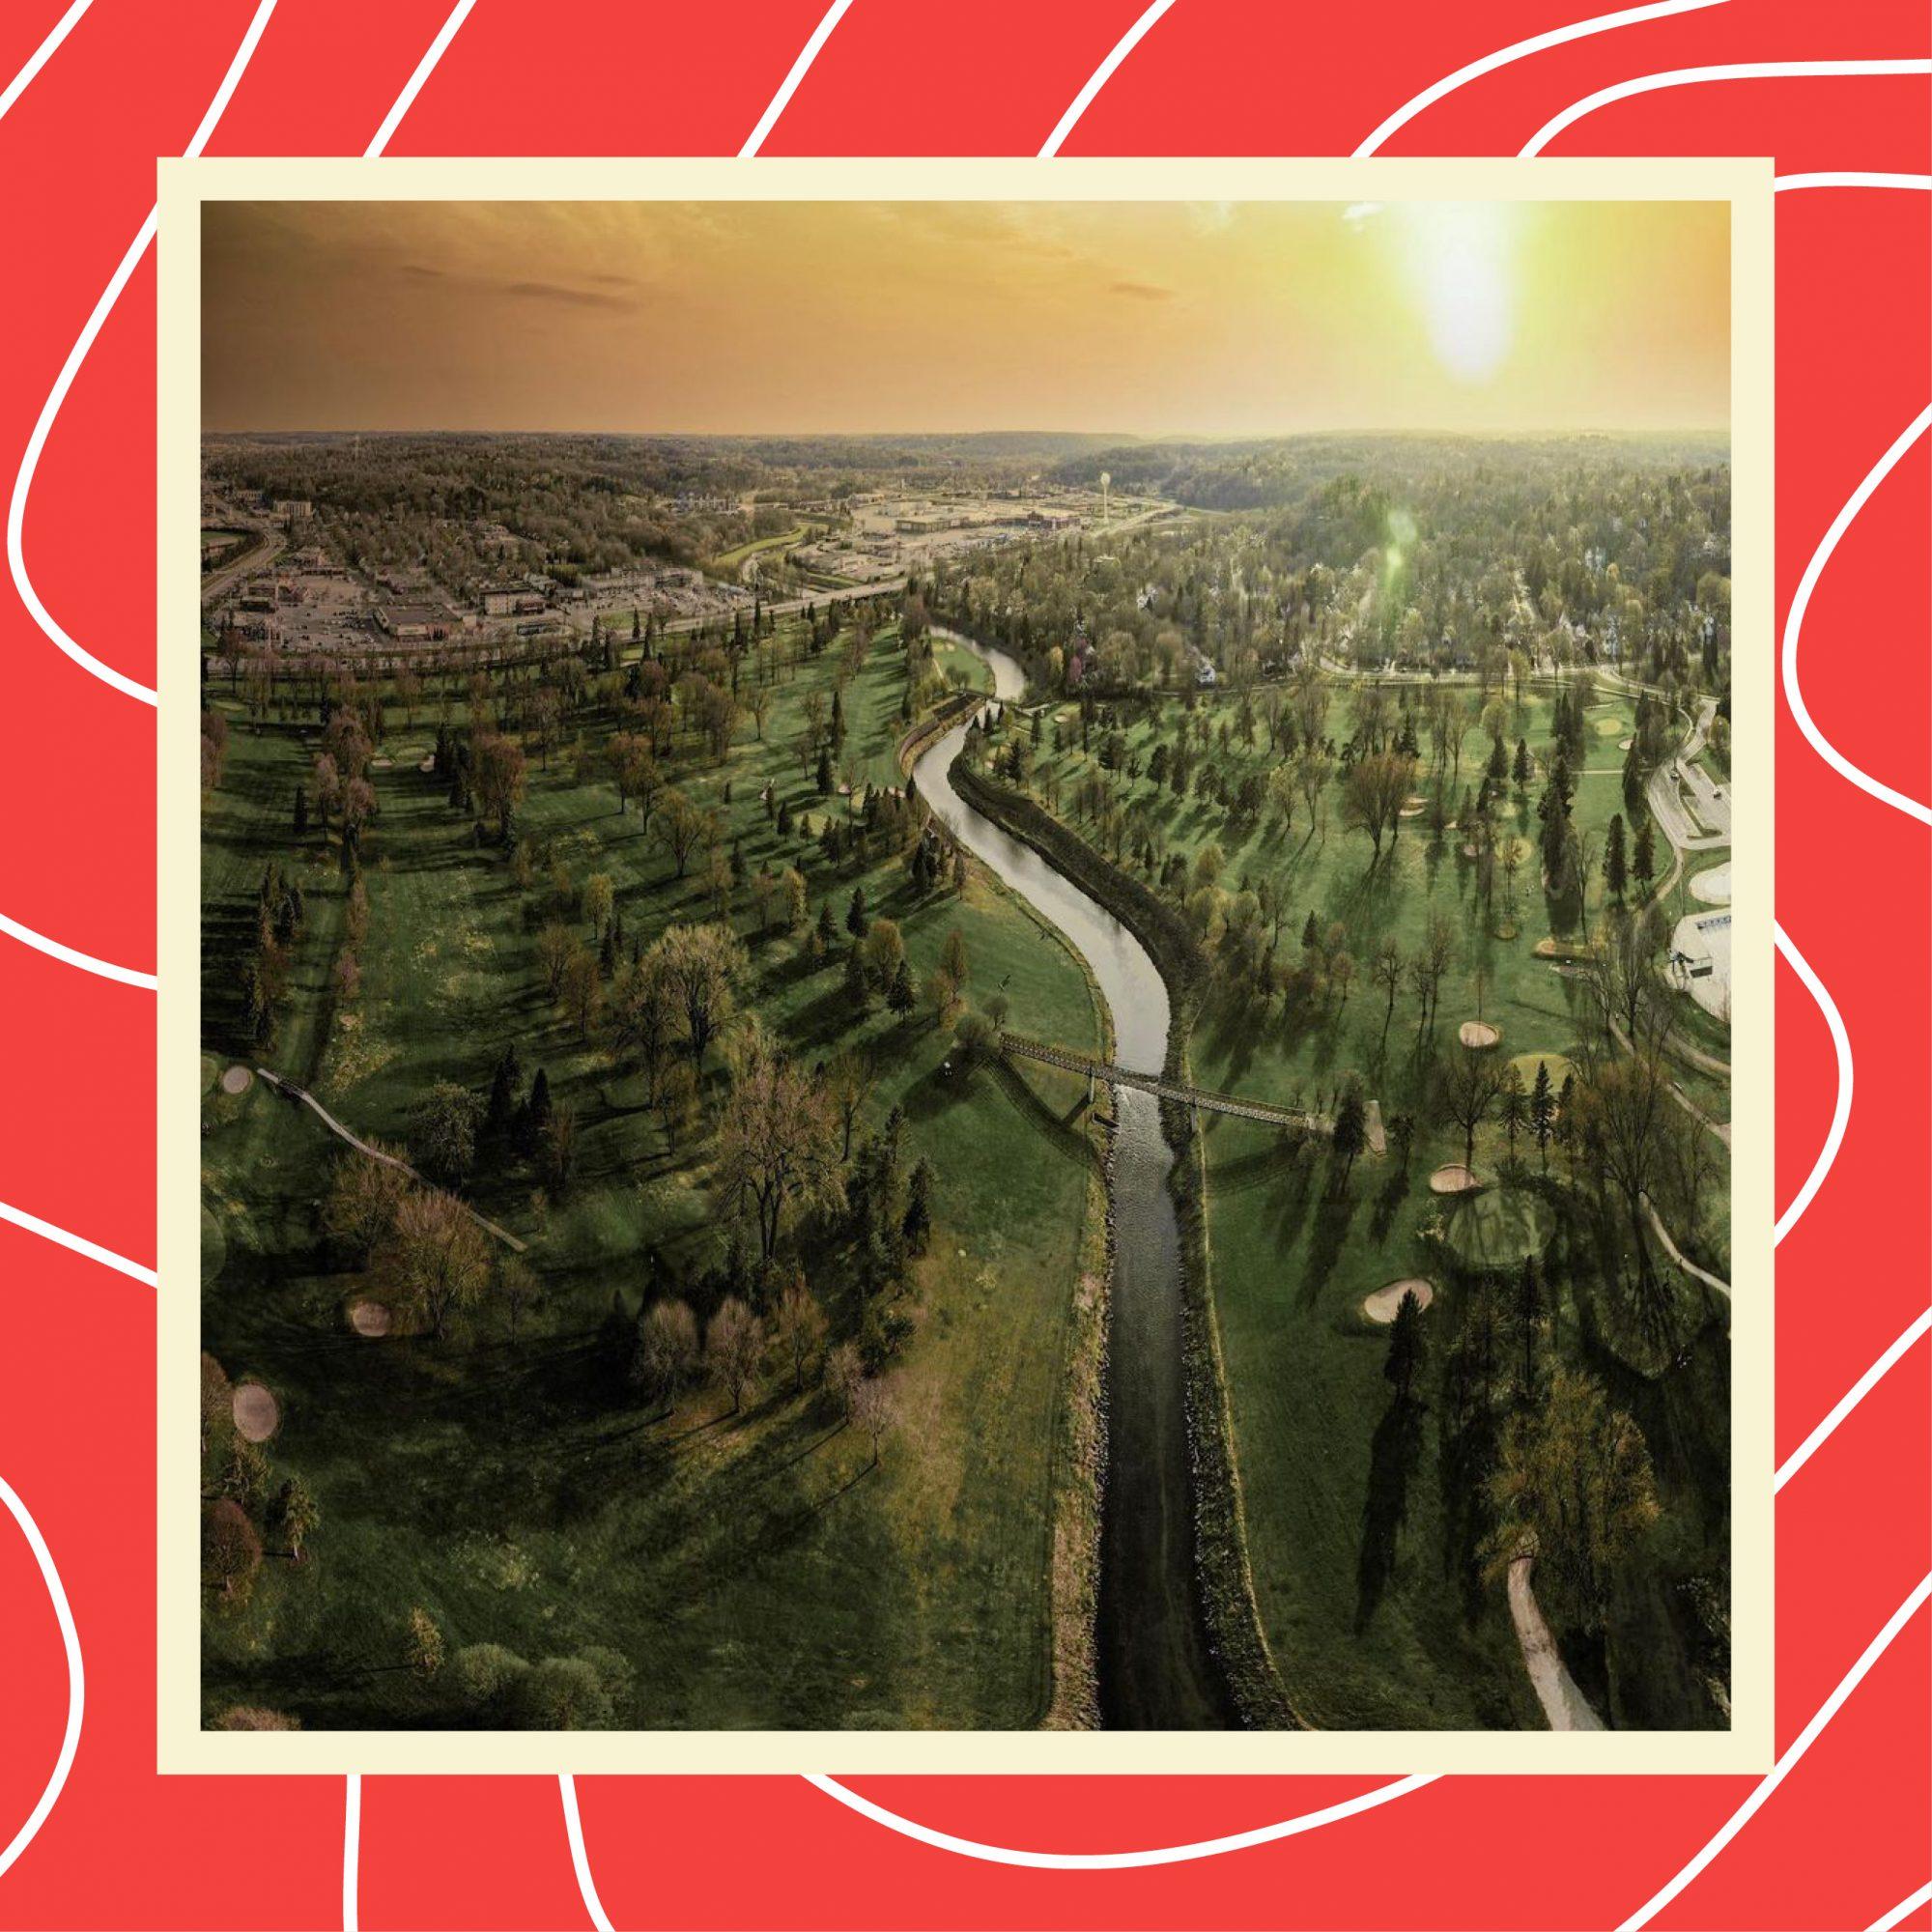 Aerial Midwest views